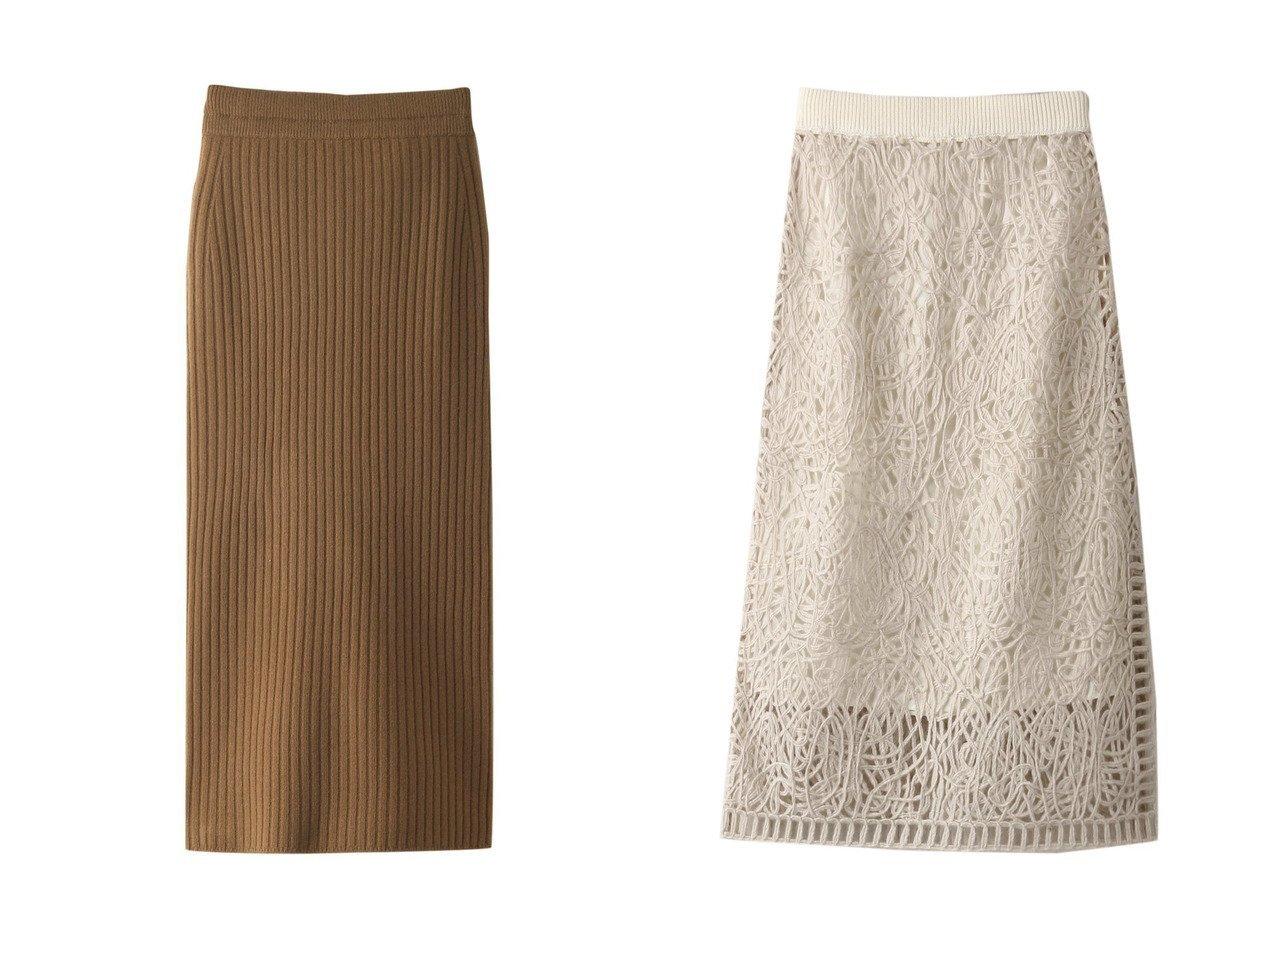 【1er Arrondissement/プルミエ アロンディスモン】のリブニットスカート&【MARILYN MOON/マリリンムーン】のマクラメニットスカート 【スカート】おすすめ!人気、トレンド・レディースファッションの通販 おすすめで人気の流行・トレンド、ファッションの通販商品 インテリア・家具・メンズファッション・キッズファッション・レディースファッション・服の通販 founy(ファニー) https://founy.com/ ファッション Fashion レディースファッション WOMEN スカート Skirt ロングスカート Long Skirt おすすめ Recommend シンプル ストライプ セットアップ ロング |ID:crp329100000070671